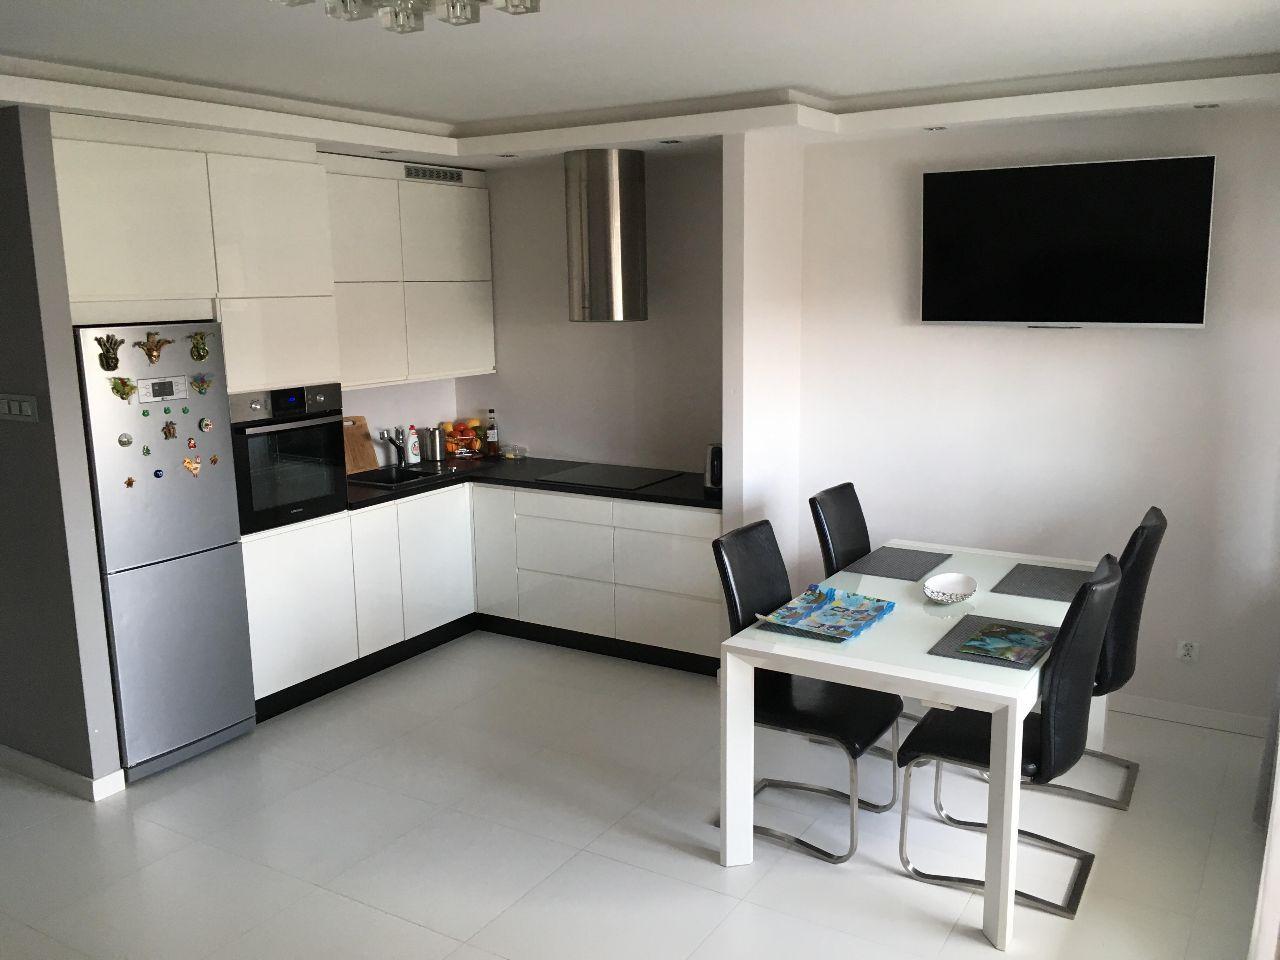 Квартира в Белостоке 59 м2